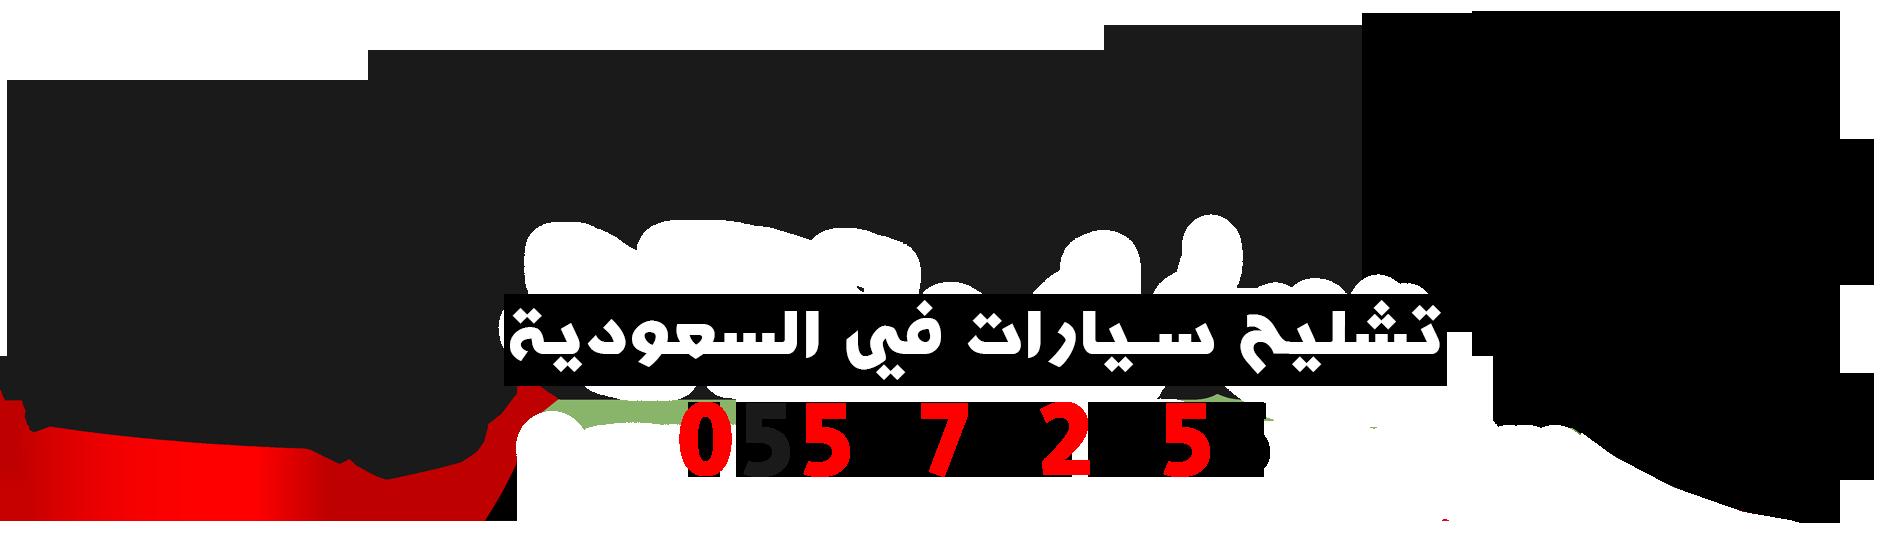 تشليح سيارات في السعودية 0504616556